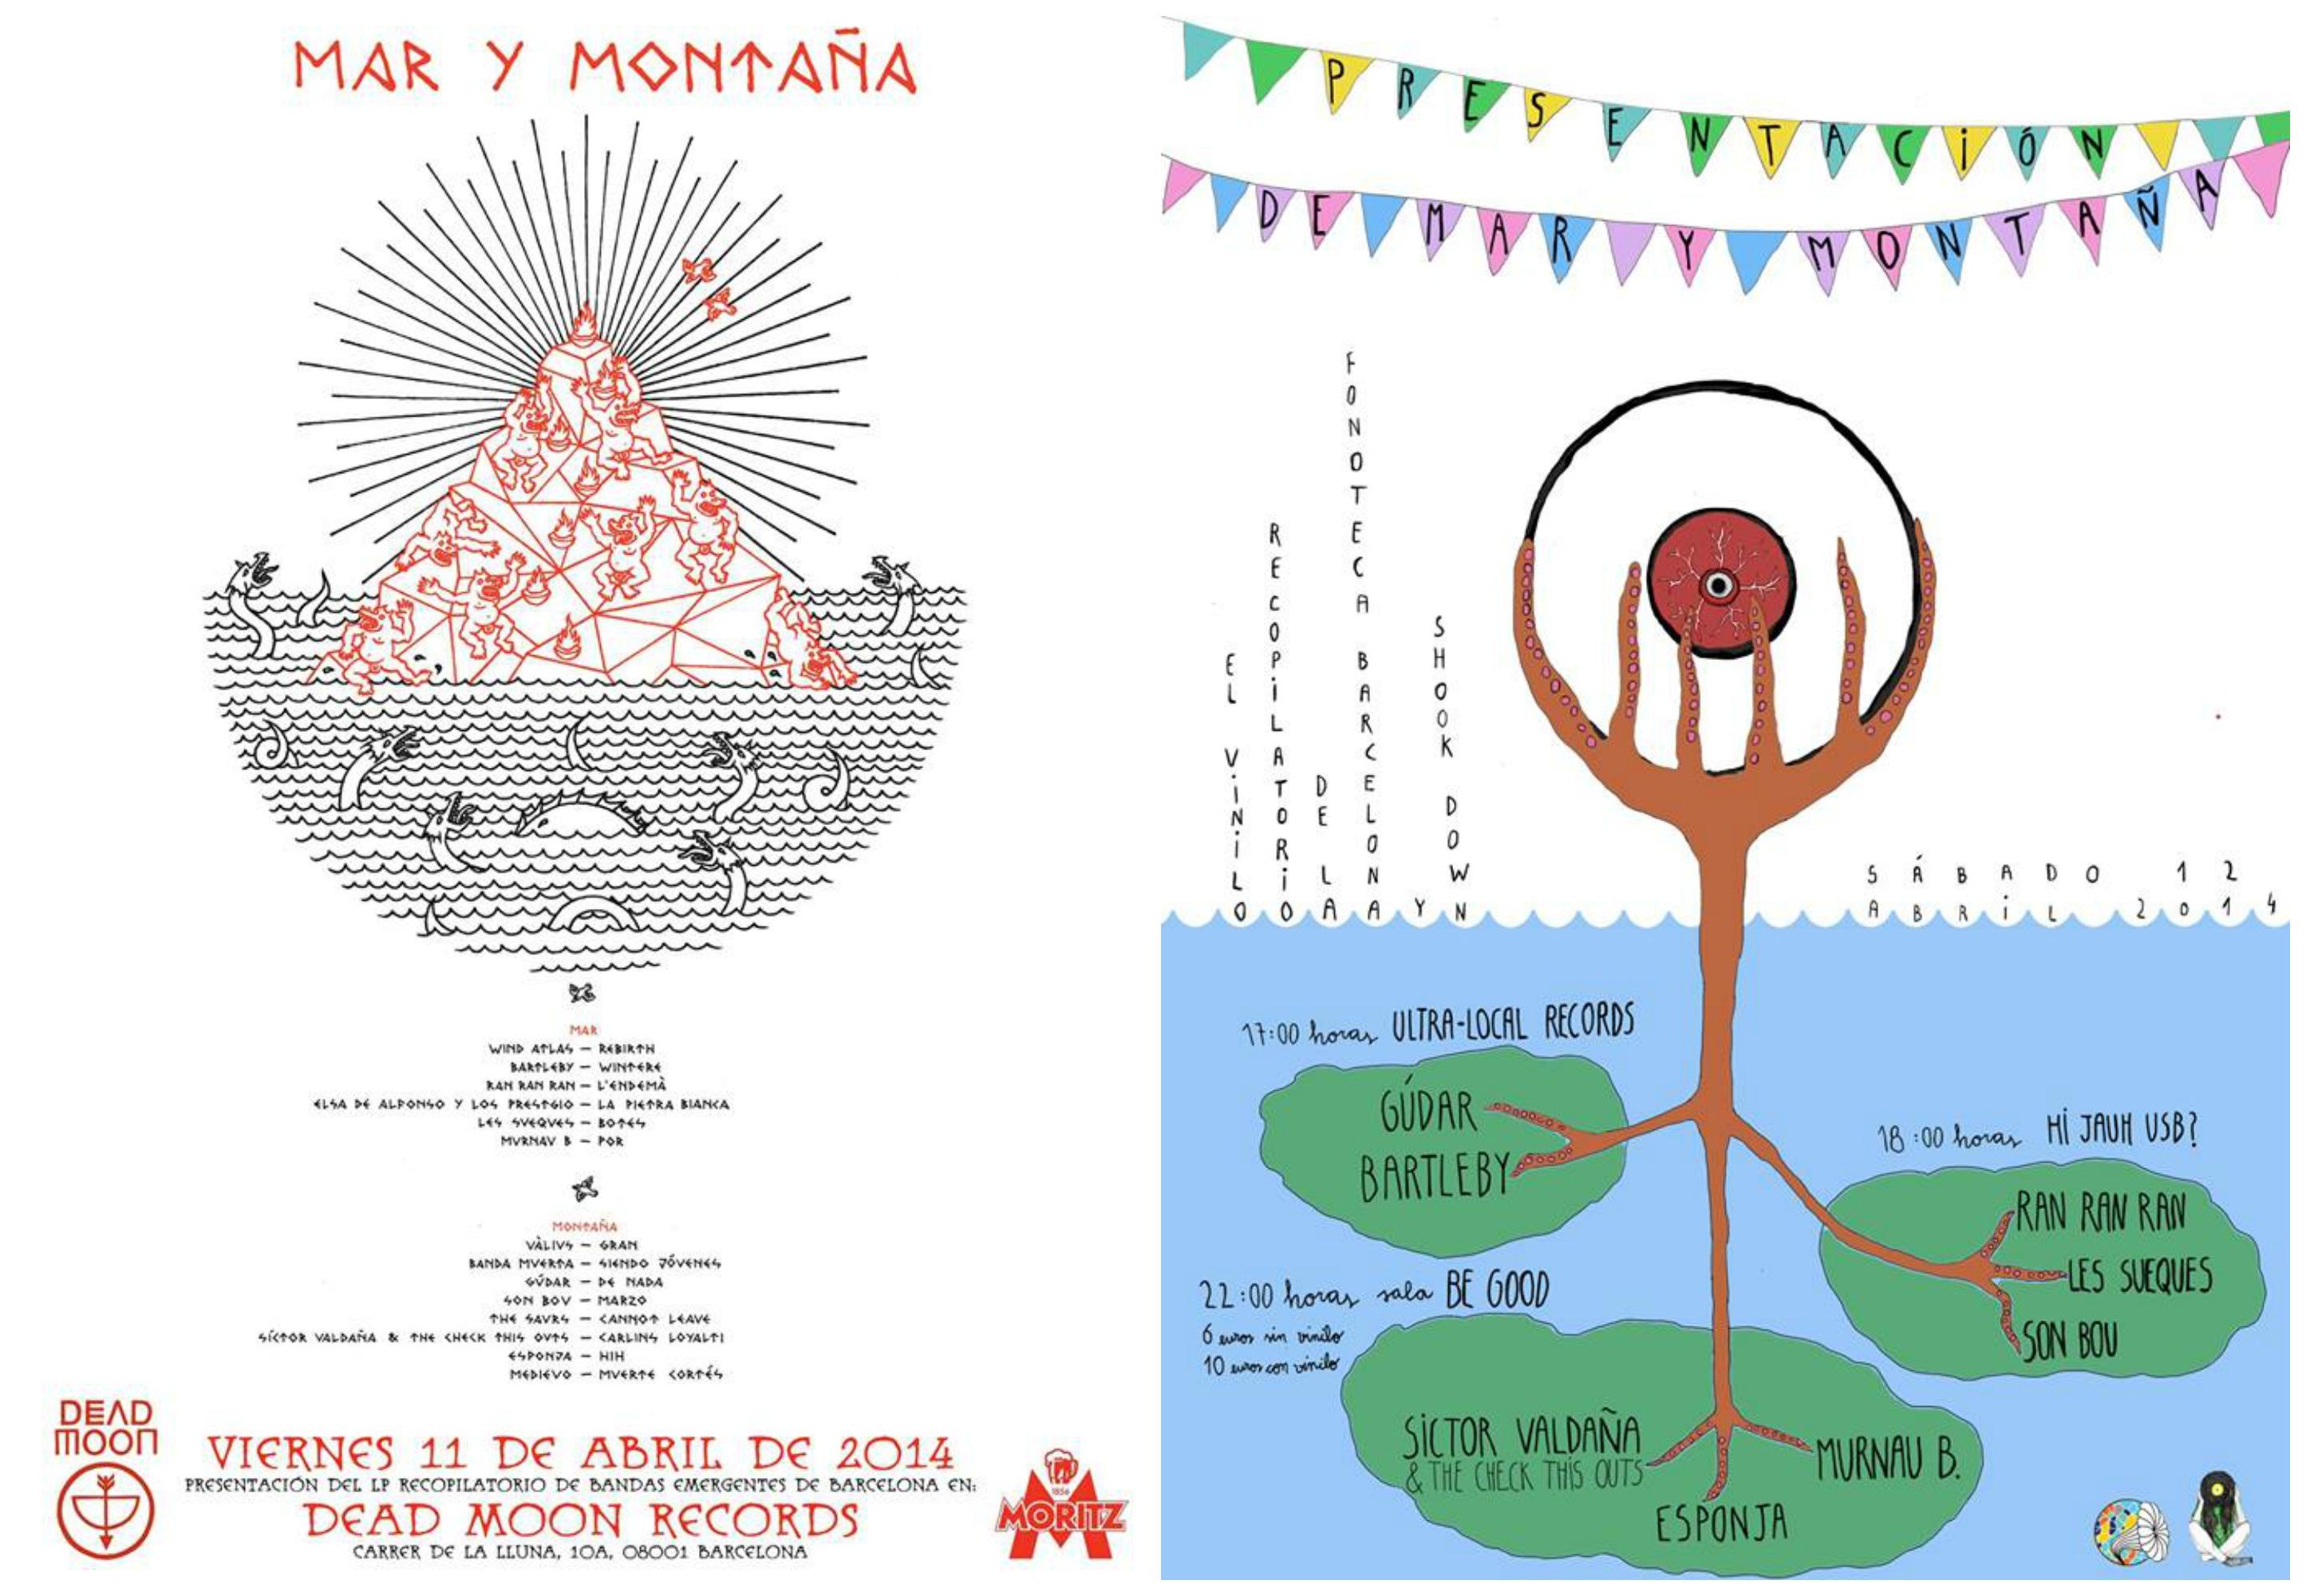 Concurso: ¡Mar y Montaña te lleva al Embassat!